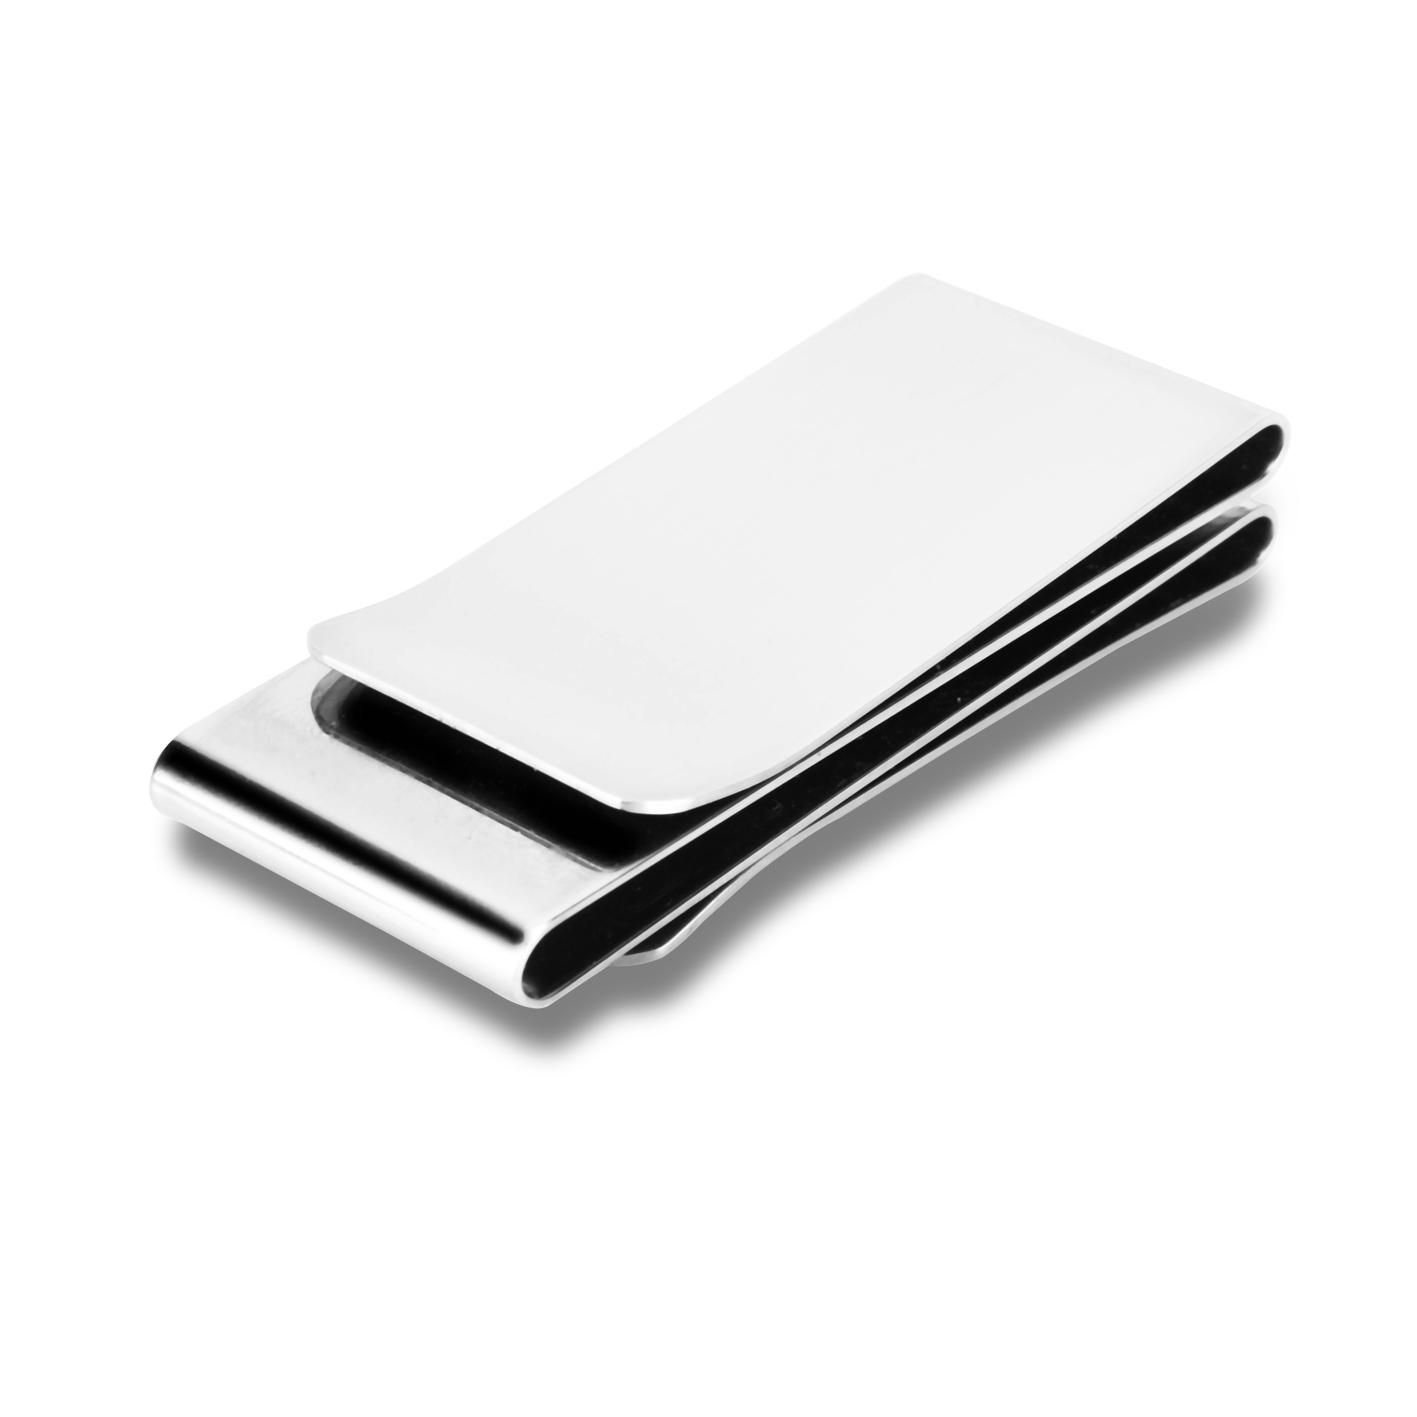 三位一体不锈钢双面钱夹欧式双面零钱夹钞票夹创意礼品金属零钱包